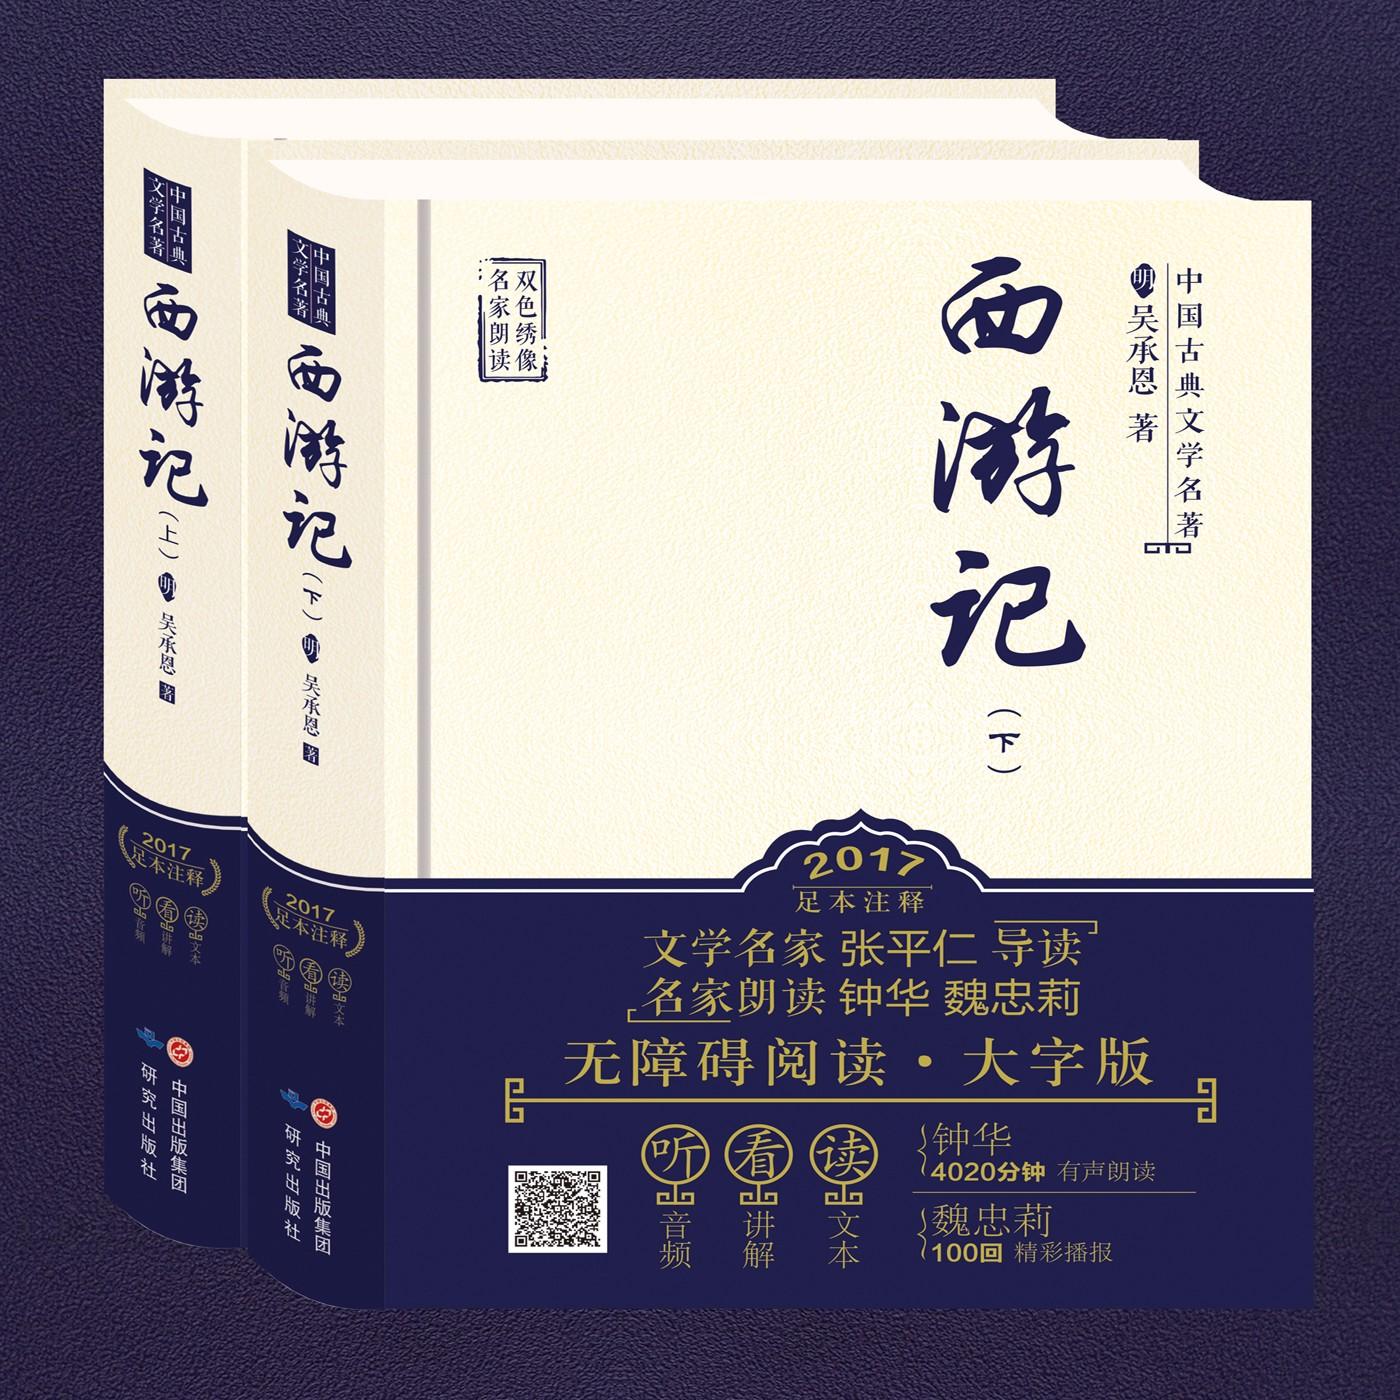 西游记-原文朗读